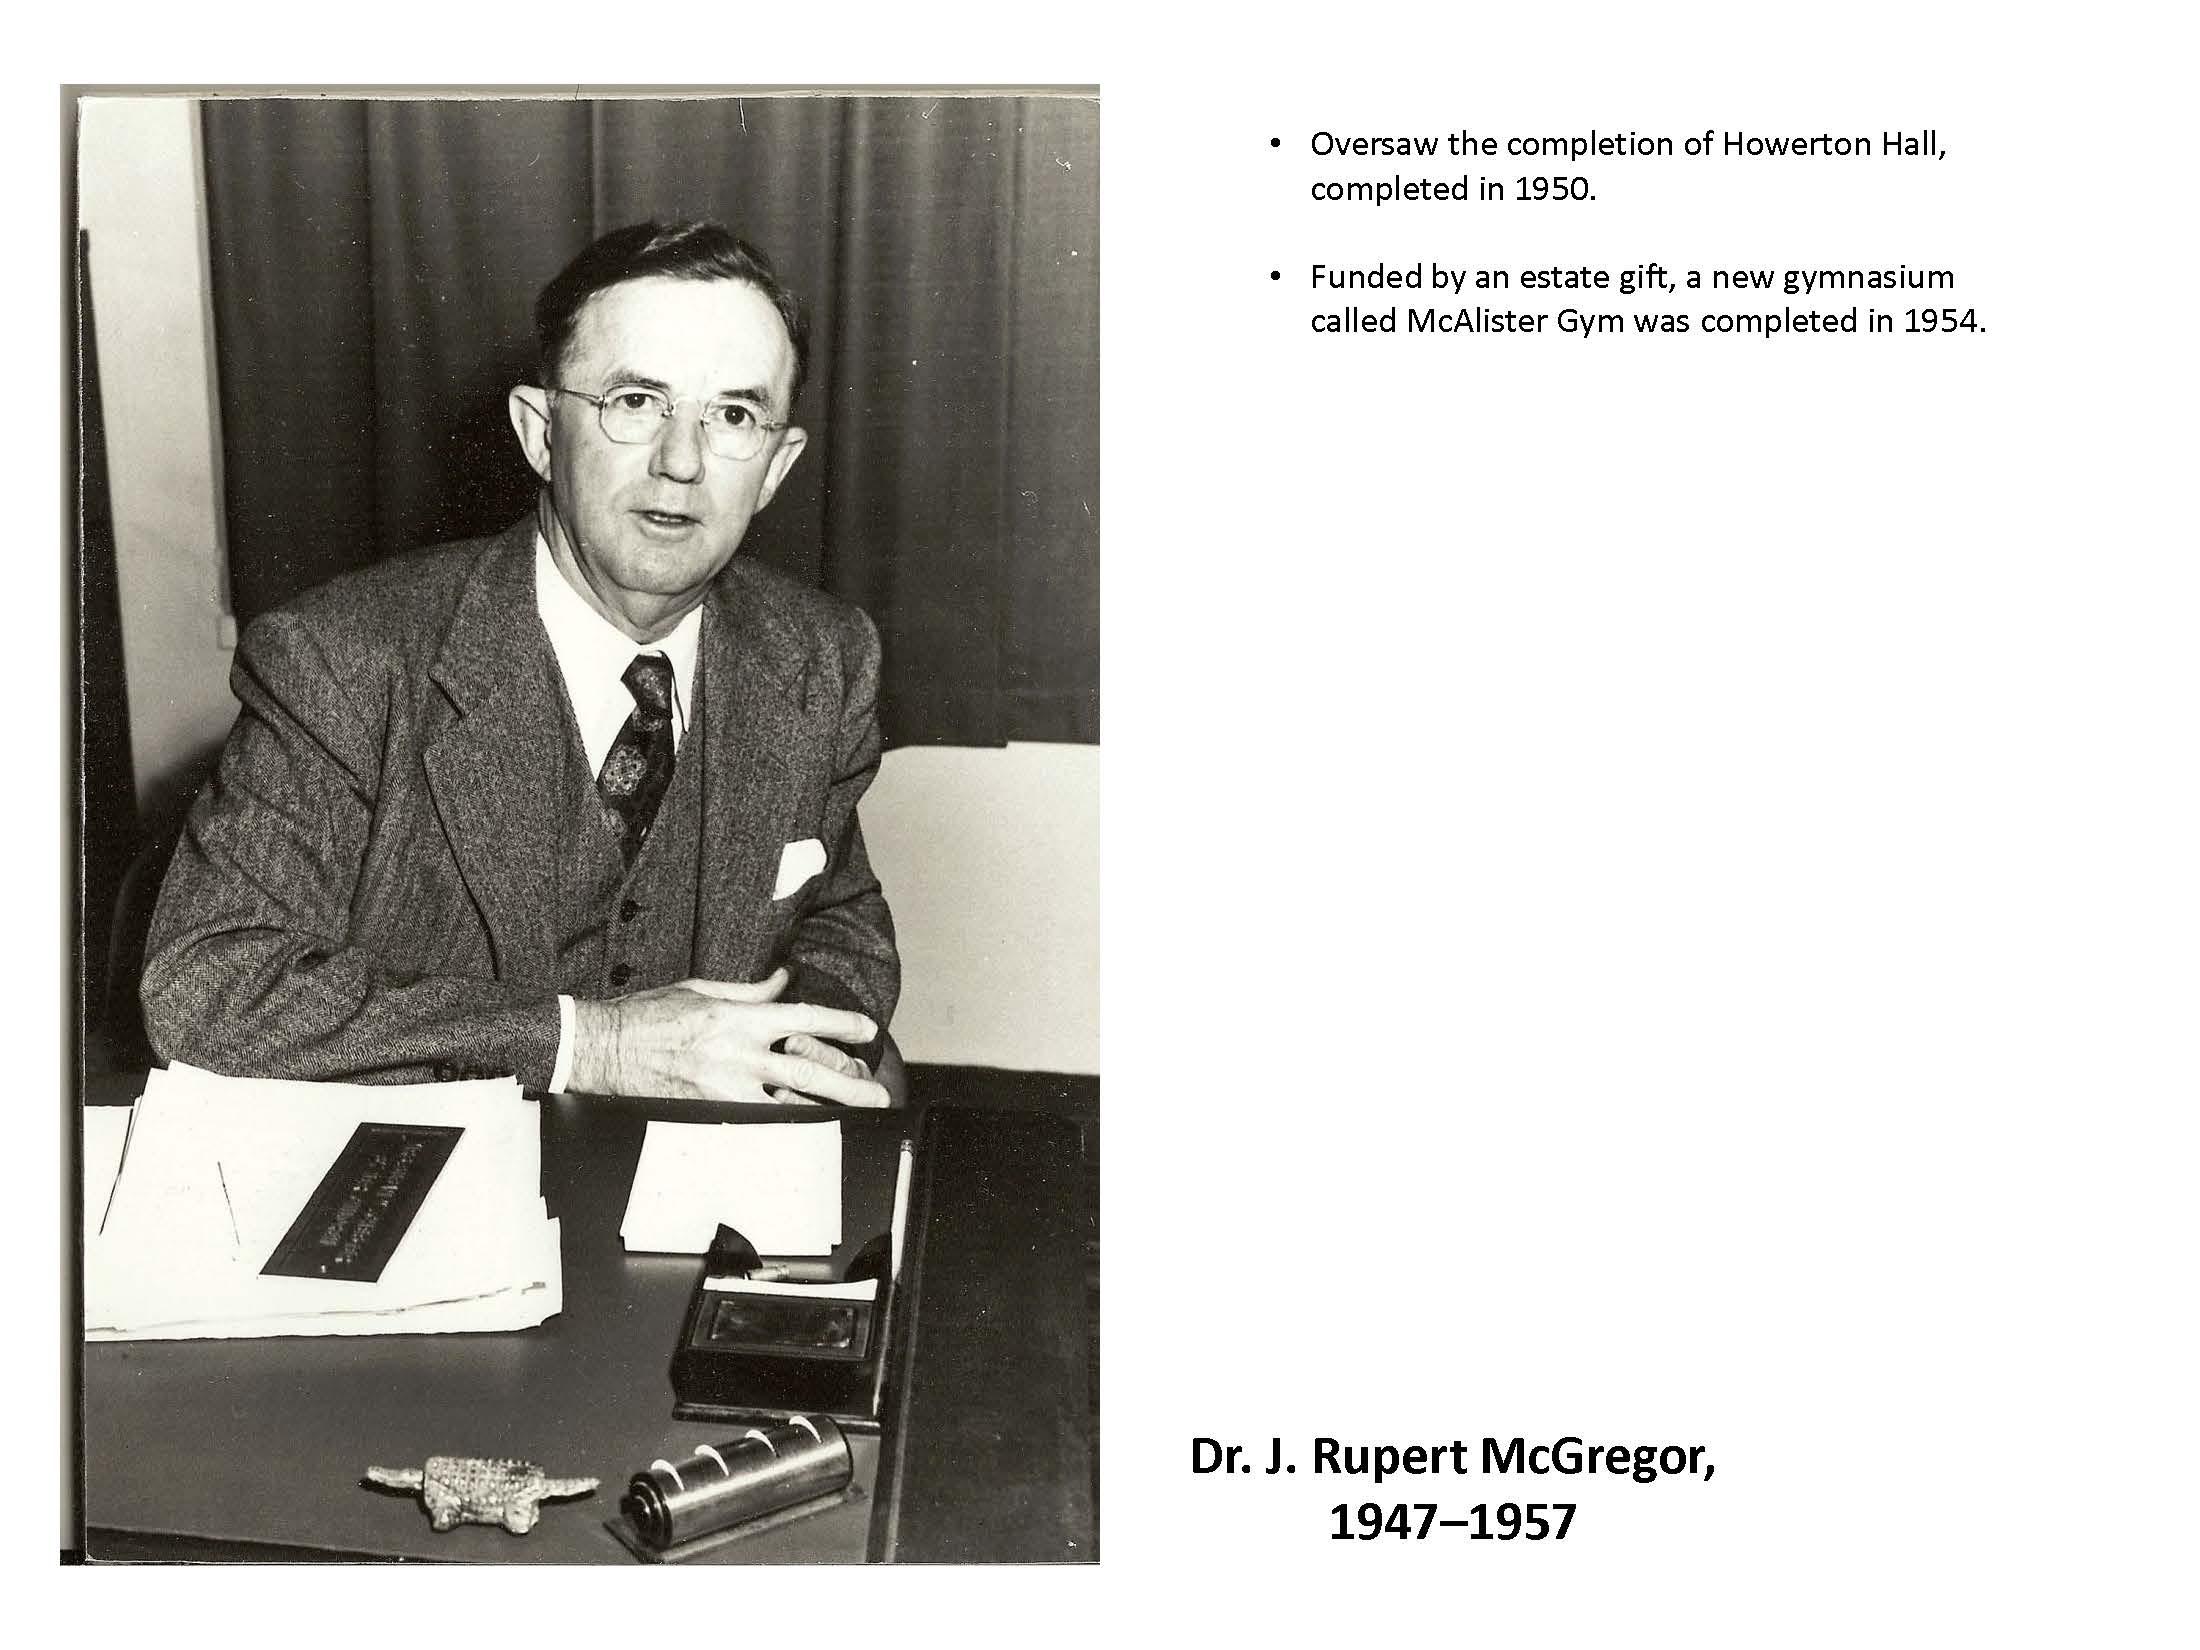 Dr. J. Rupert McGregor